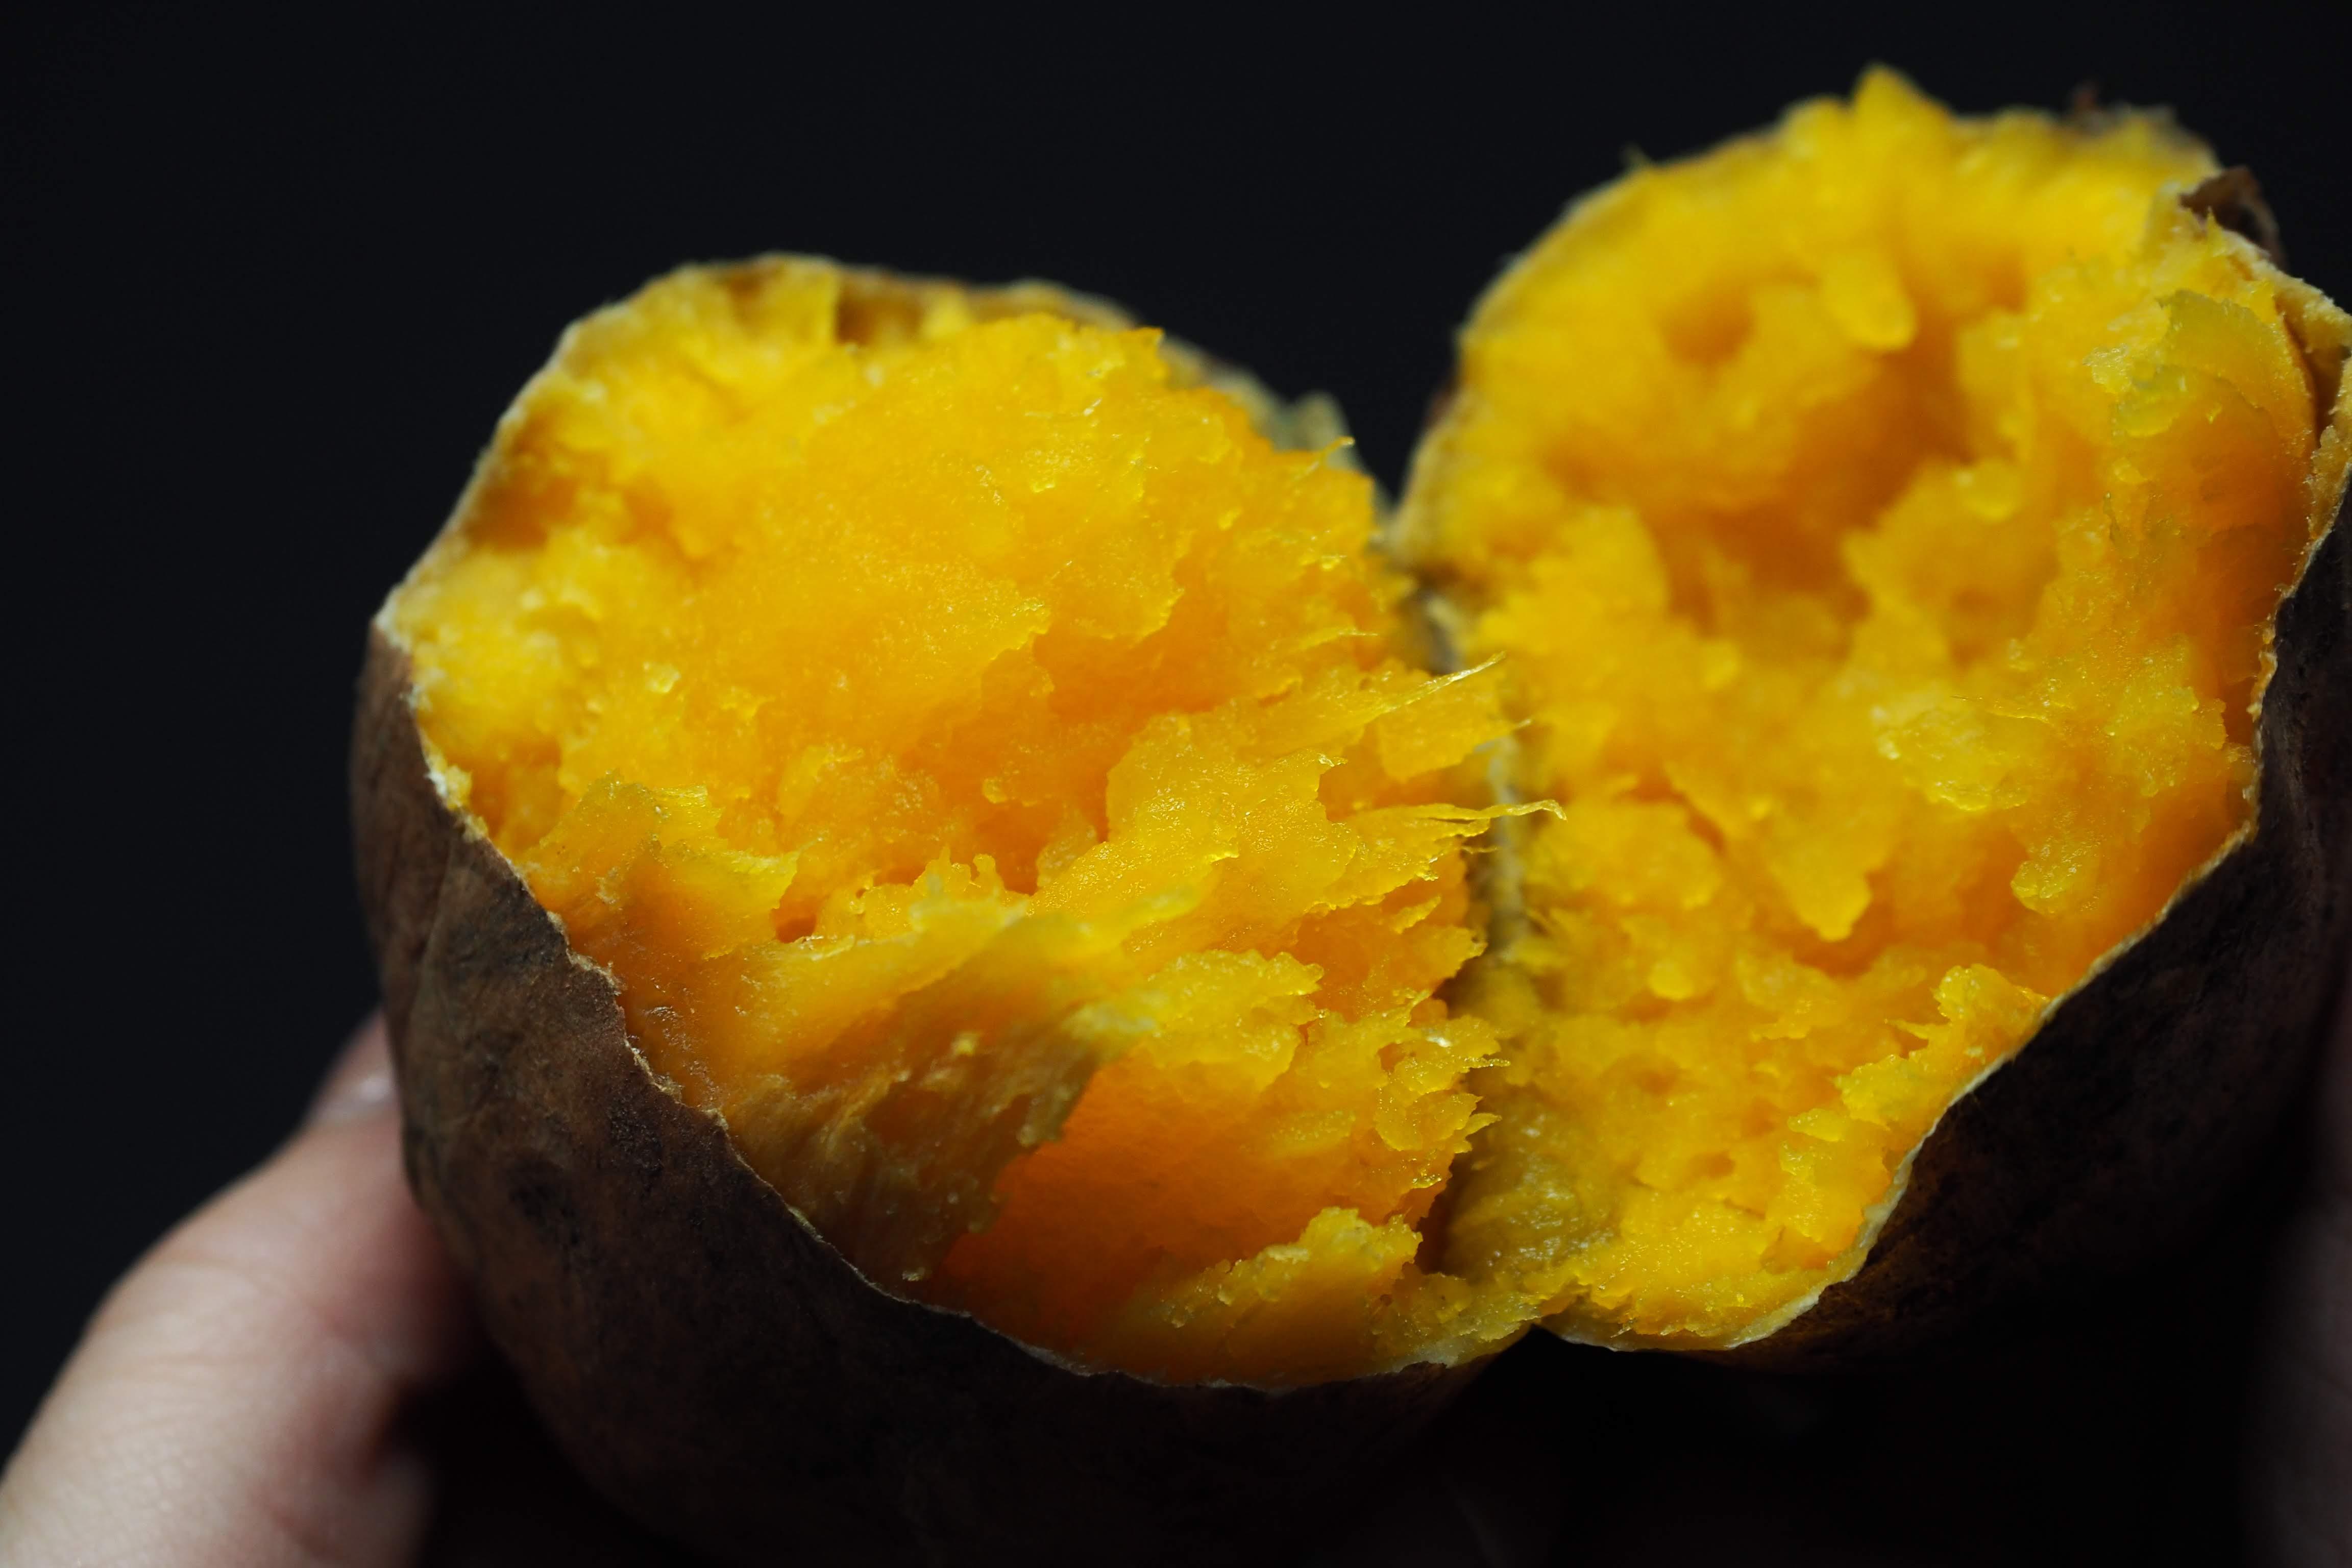 【鹿児島市薬師】寒くなってきたらコレ!『ふじた農産』のあふれる出る蜜がおいしい安納芋「焼いもっ娘」♪♪